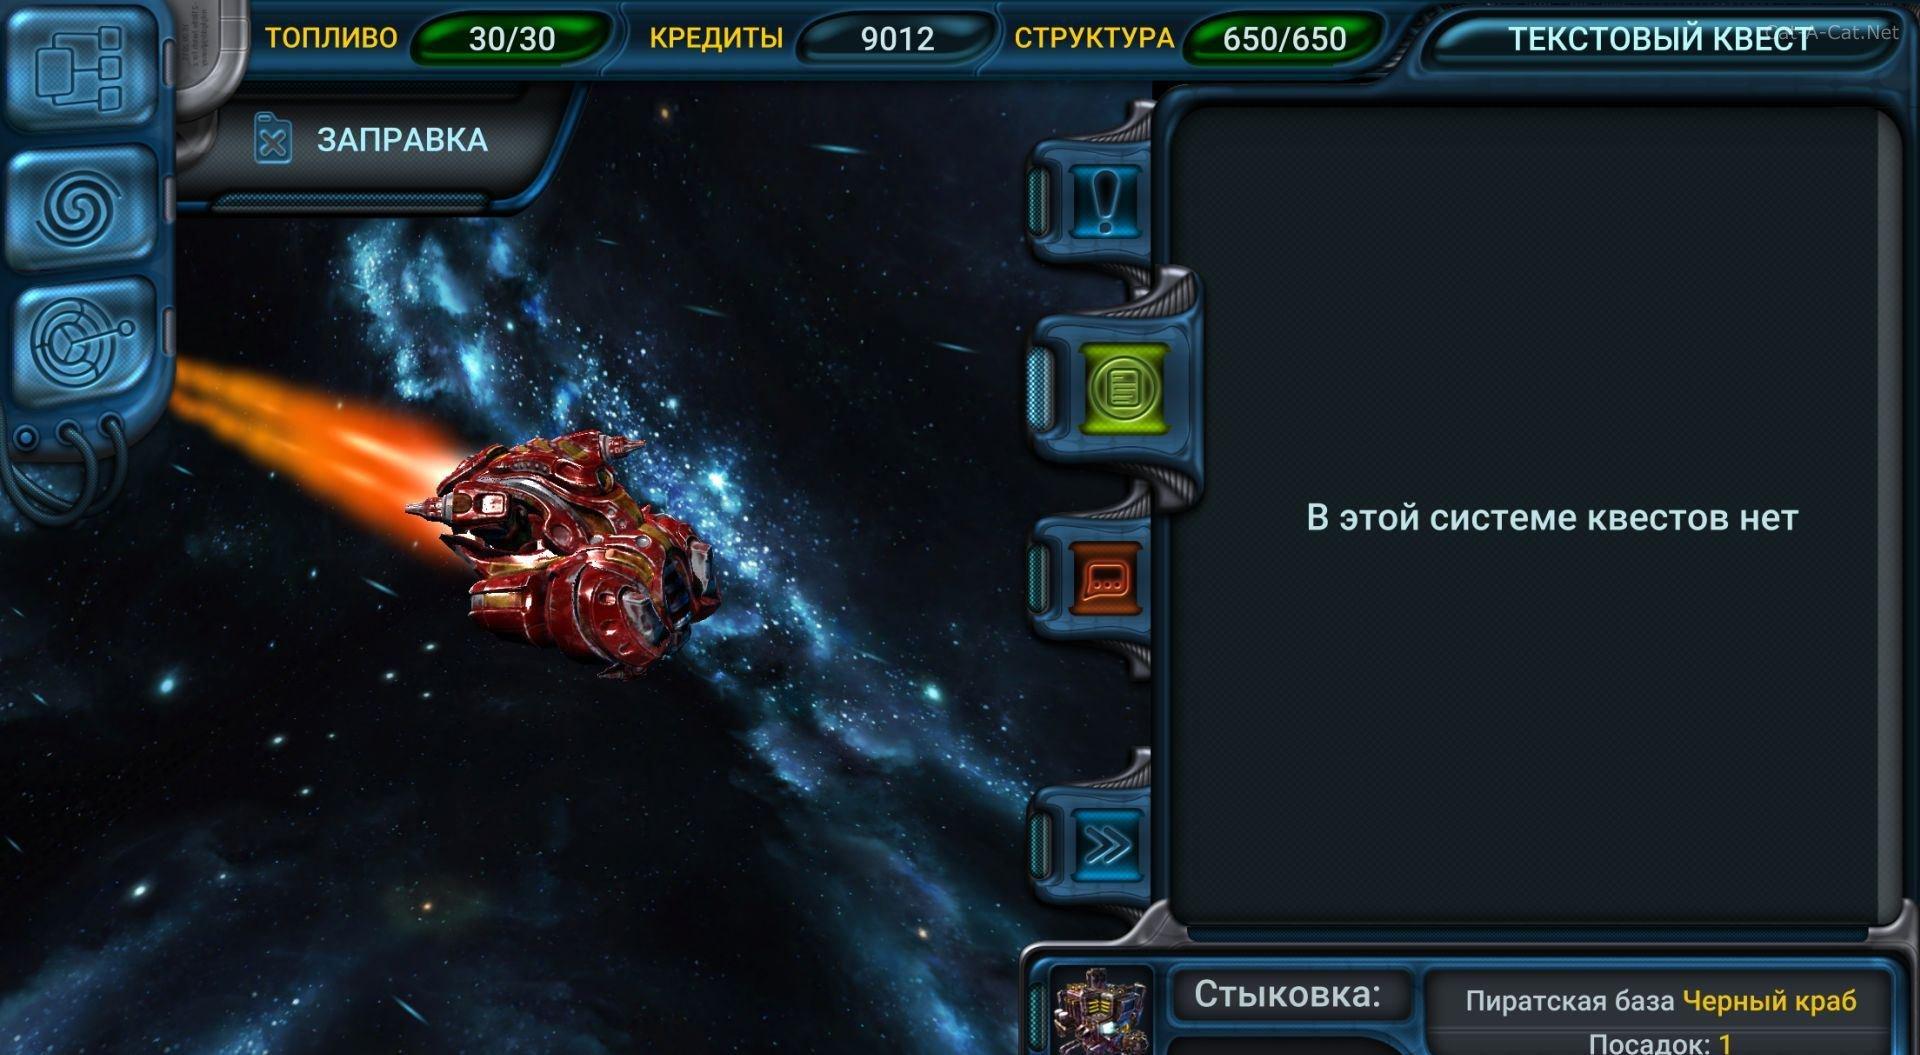 скачать игру космические игры на андроид